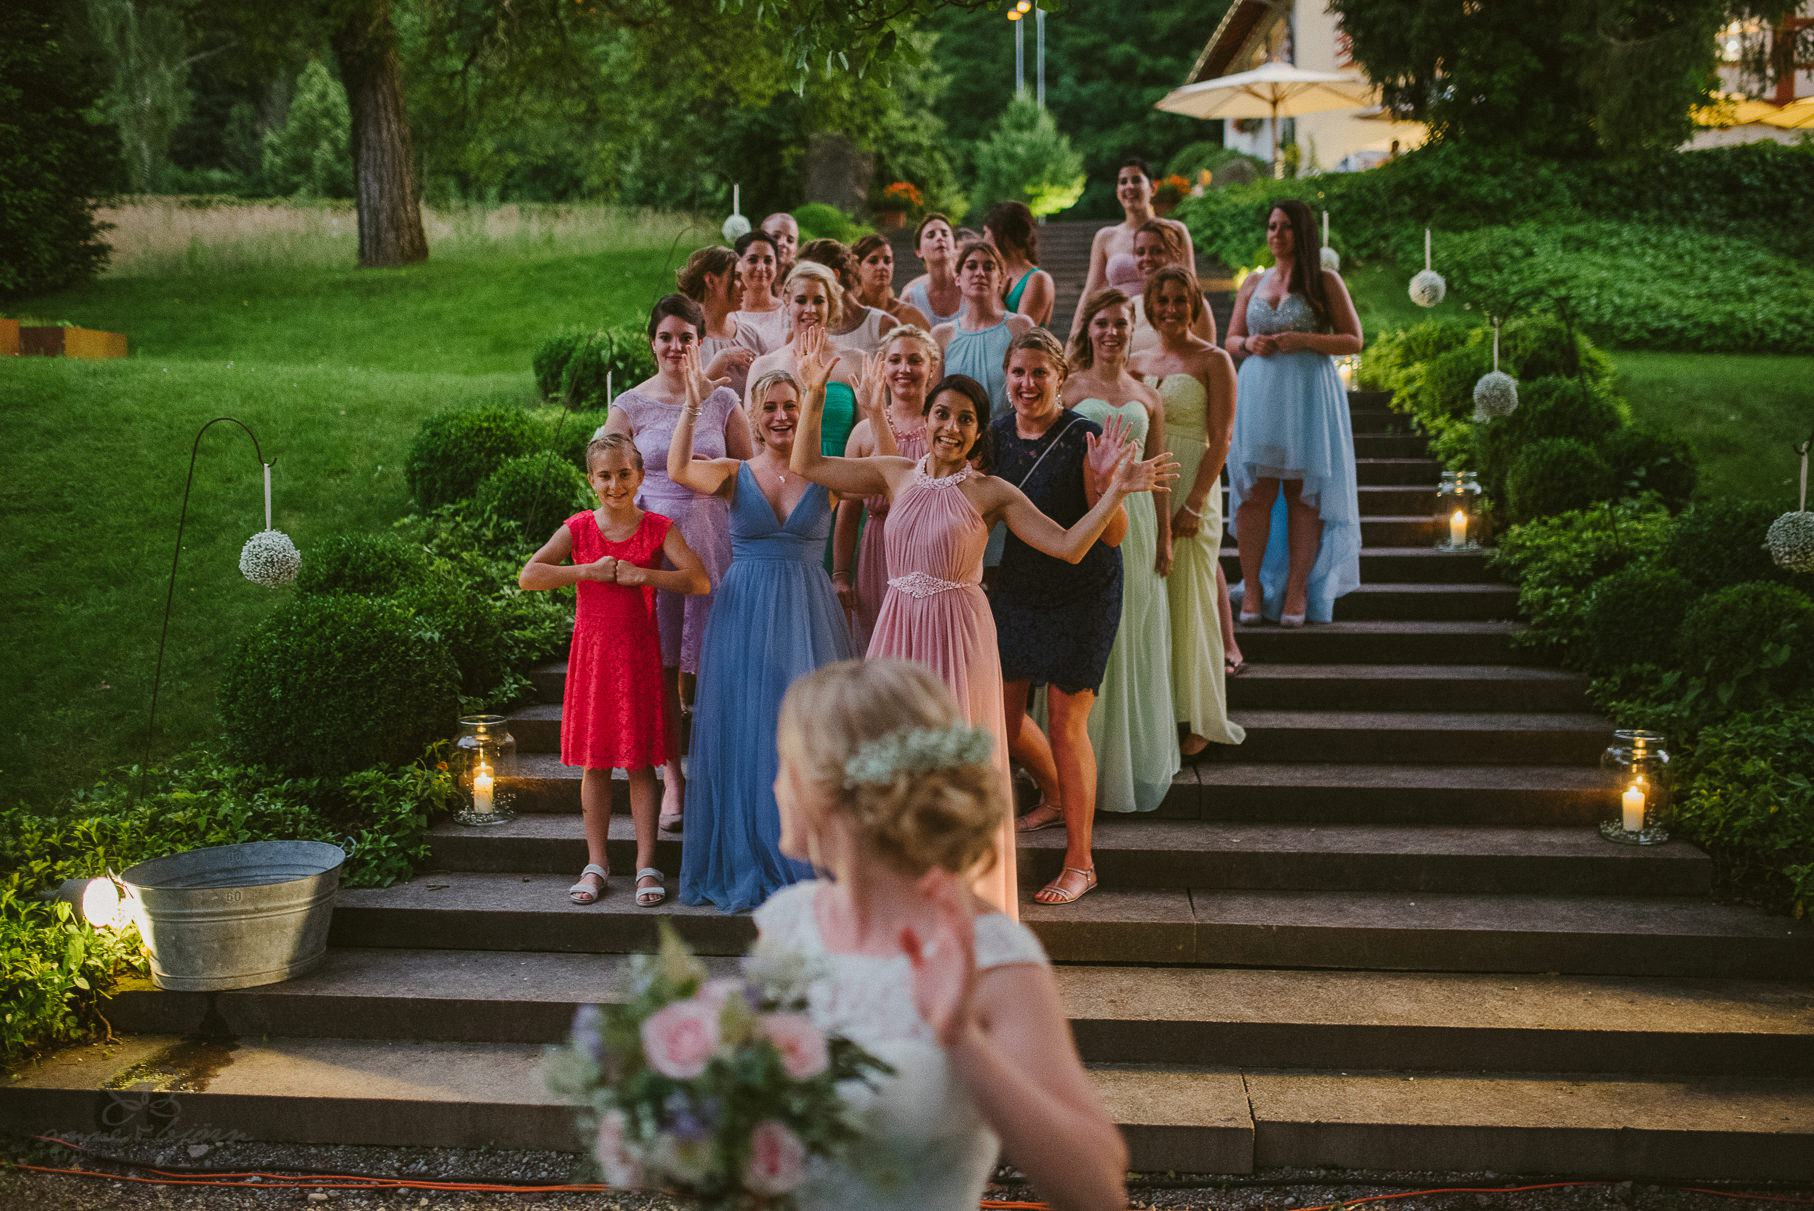 0126 anne und bjoern hochzeit schweiz d75 2247 - DIY Hochzeit in der Schweiz - Sabrina & Christoph